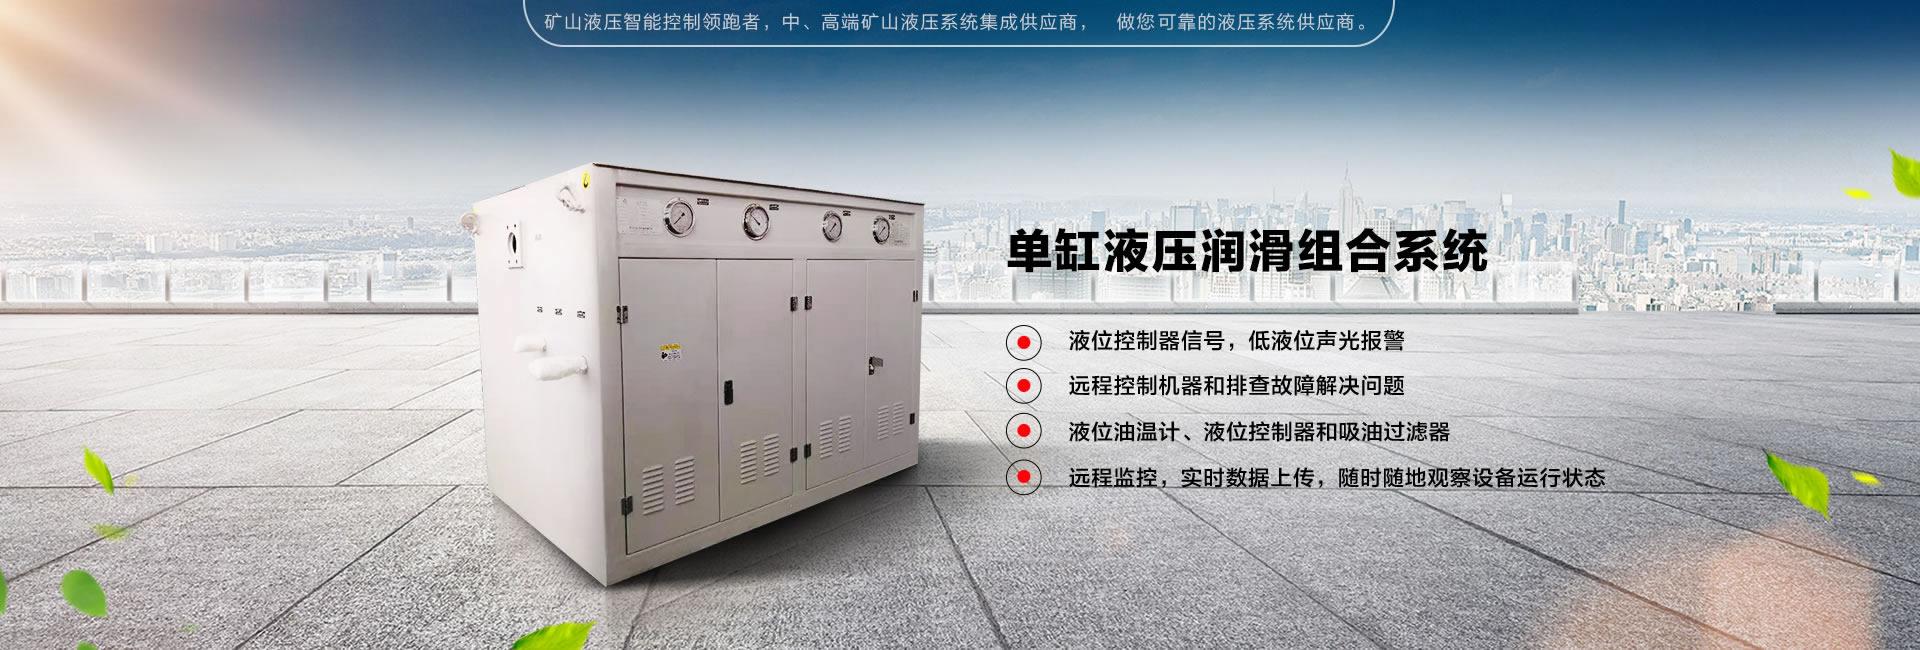 单缸液压润滑组合系统